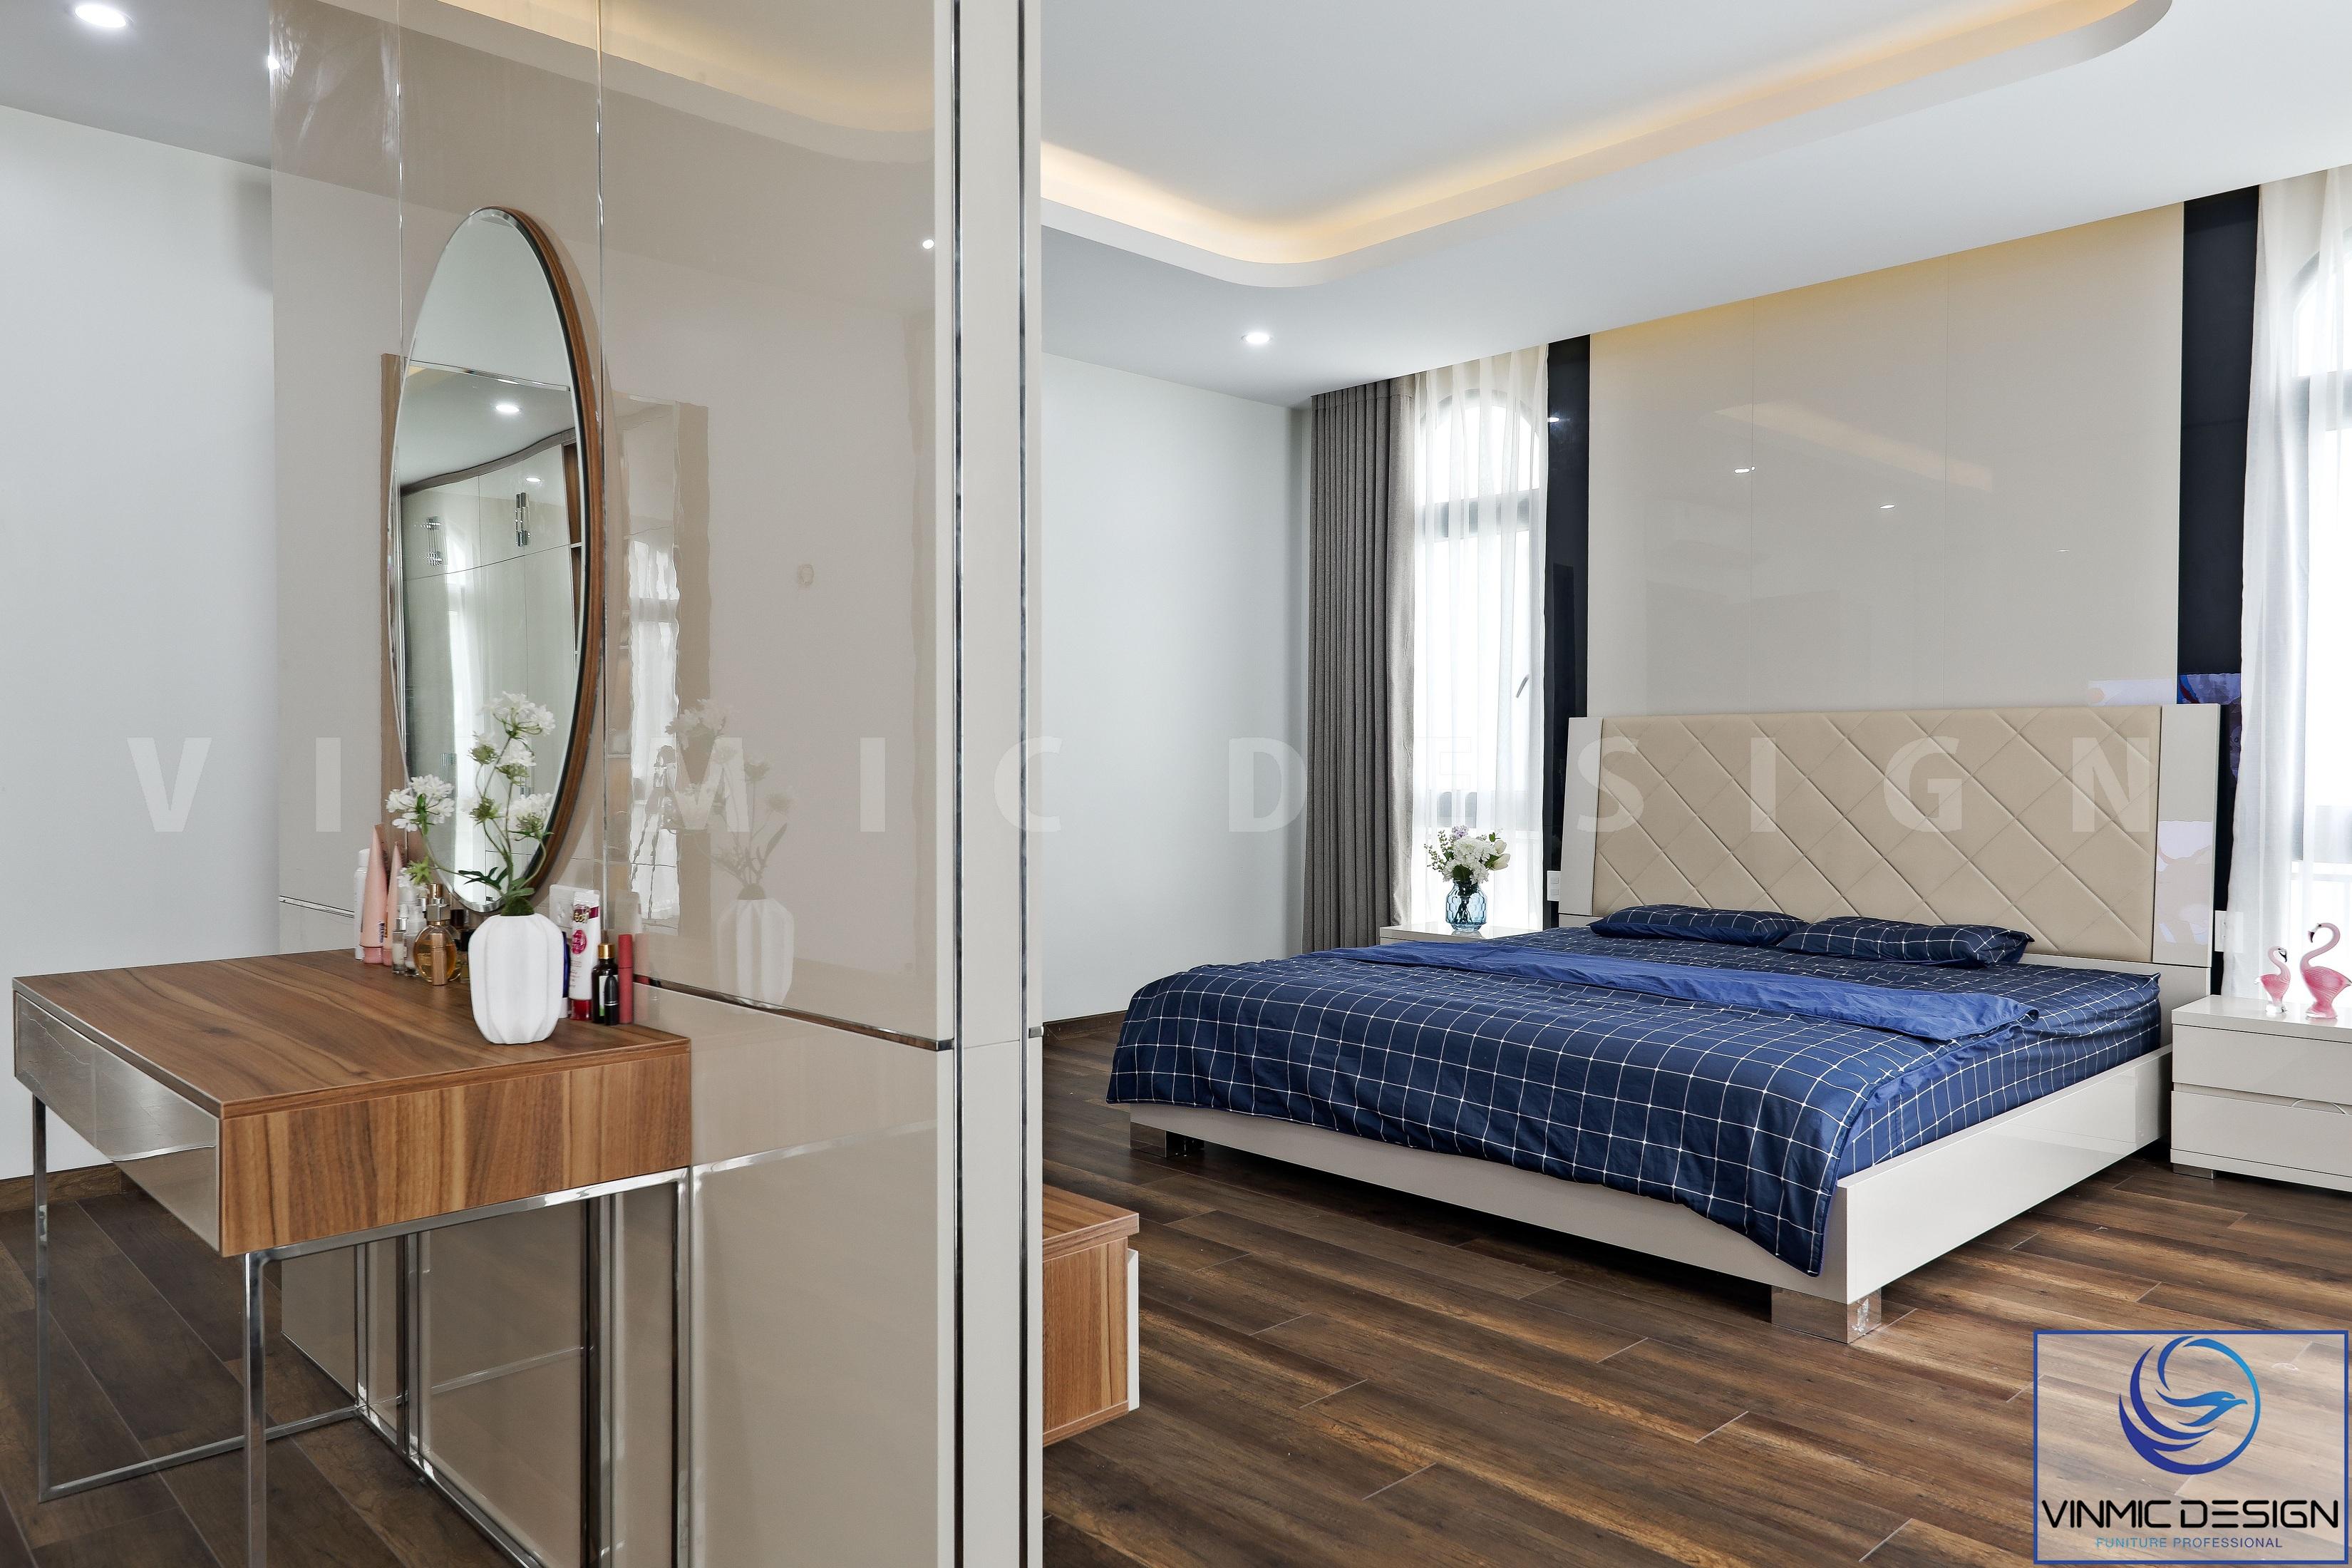 Phòng ngủ master được chúng tôi thi công chất liệu gỗ công nghiệp, đơn giản và hiệu quả công năng